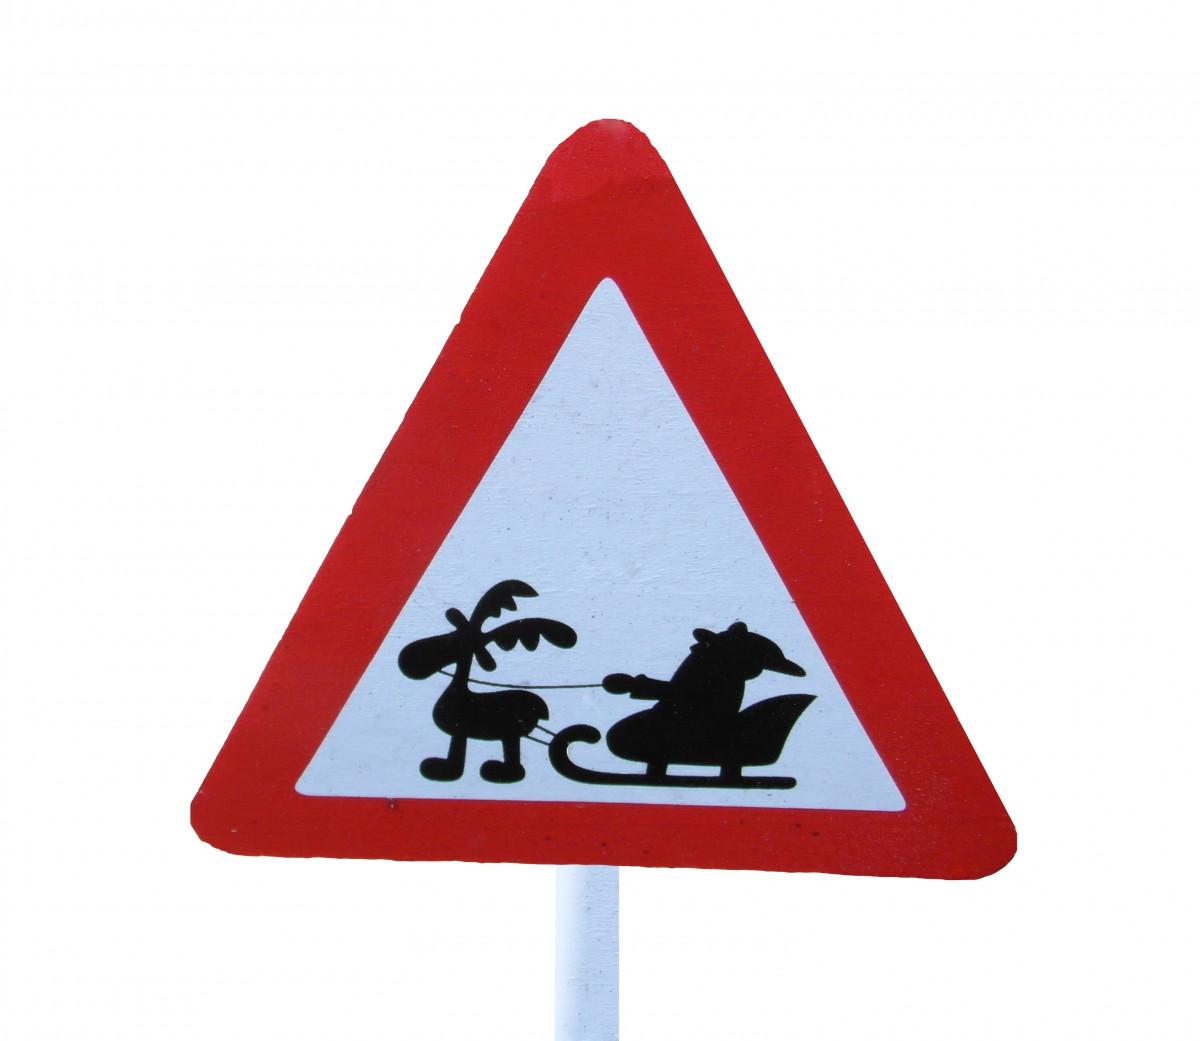 картинки альтернативные дорожные знаки фотография сопровождается